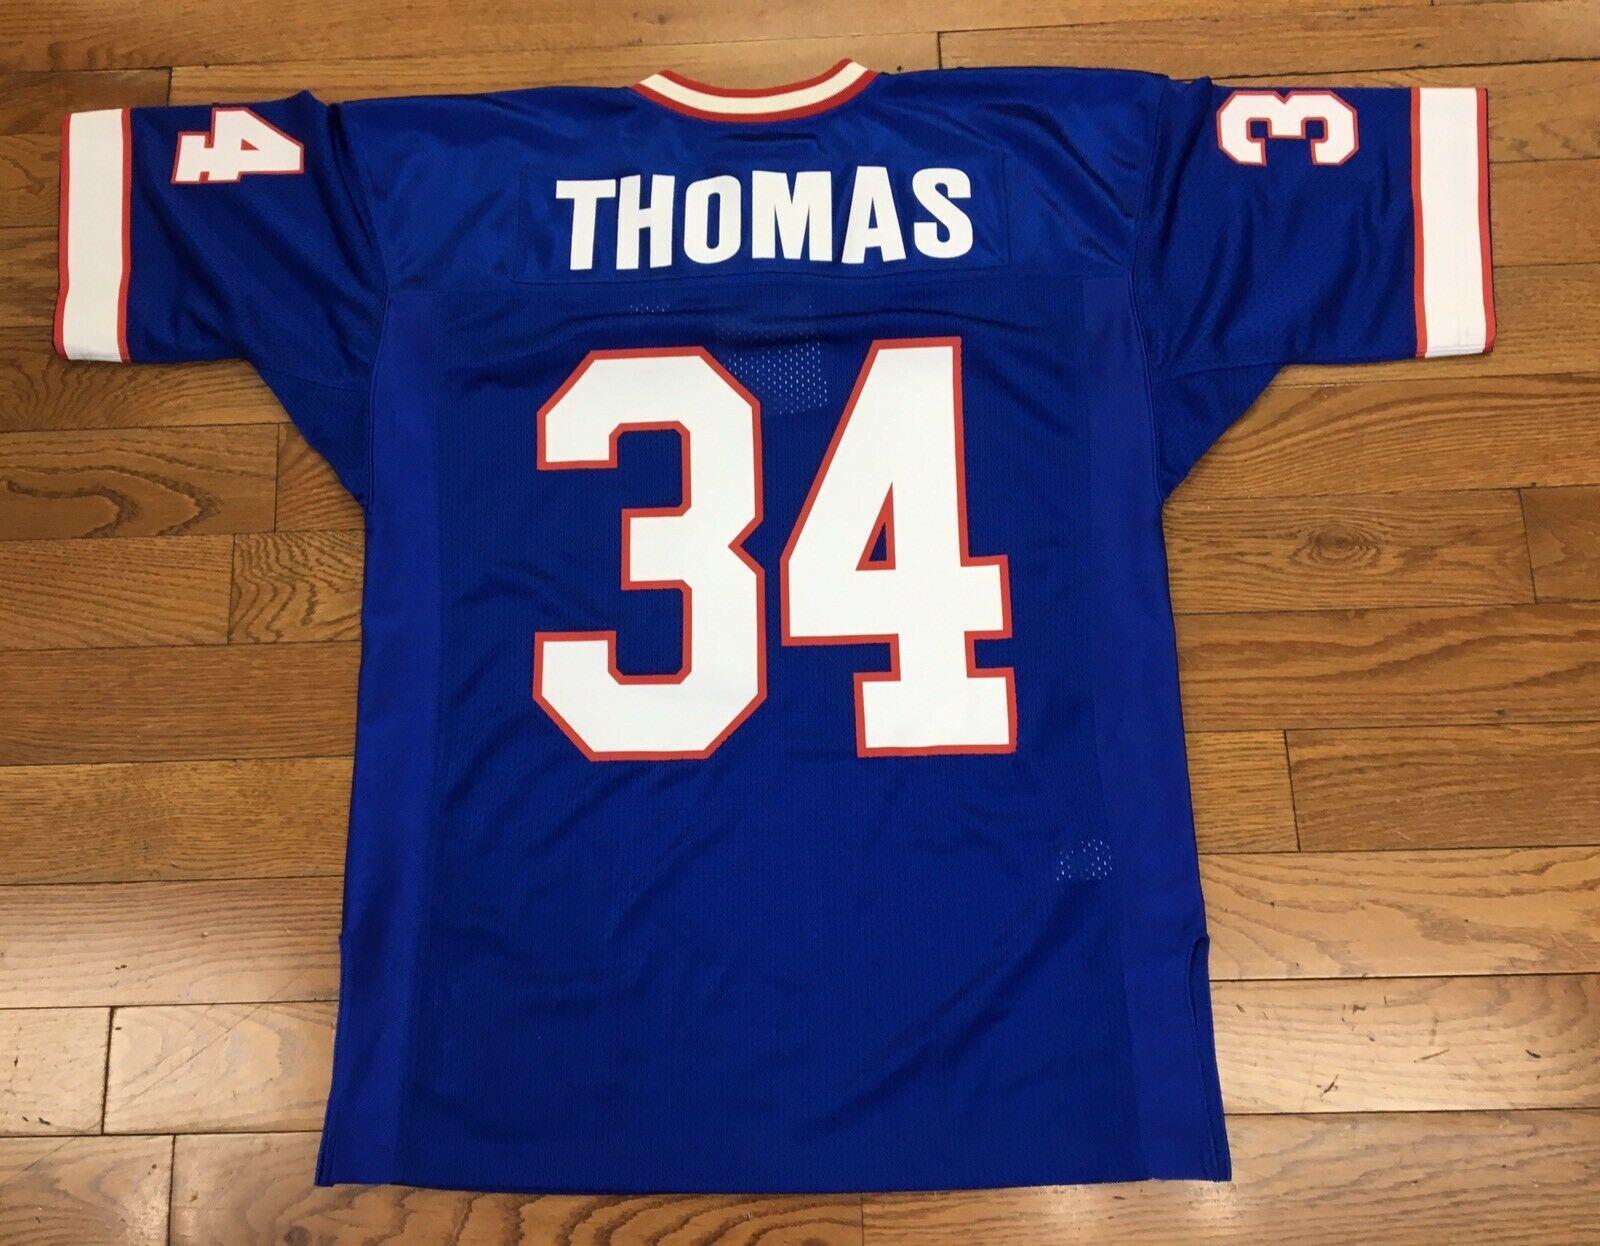 Cheap personalizzato Thurman Thomas Mitchell Ness calcio Jersey ricamati Personalizza qualsiasi nome numero UOMINI DONNE GIOVANI XS-5XL